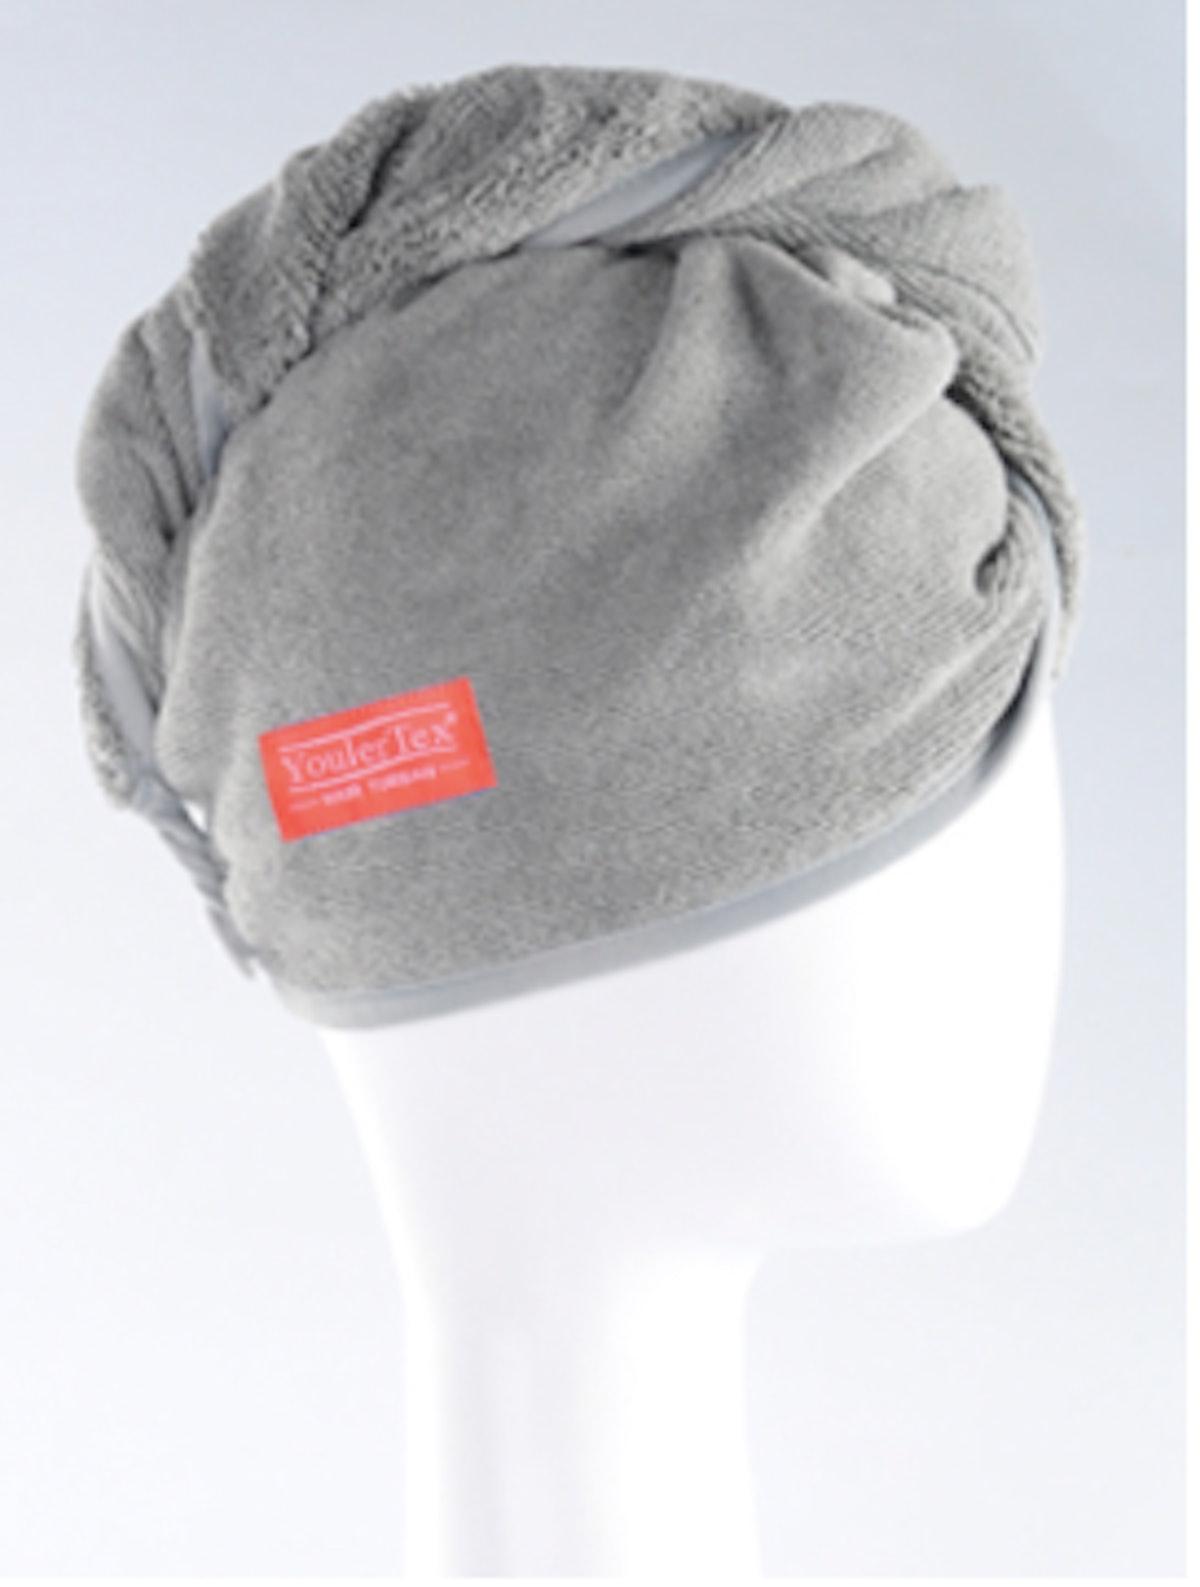 YoulerTex Microfiber Hair Towel Wrap (Set of 2)